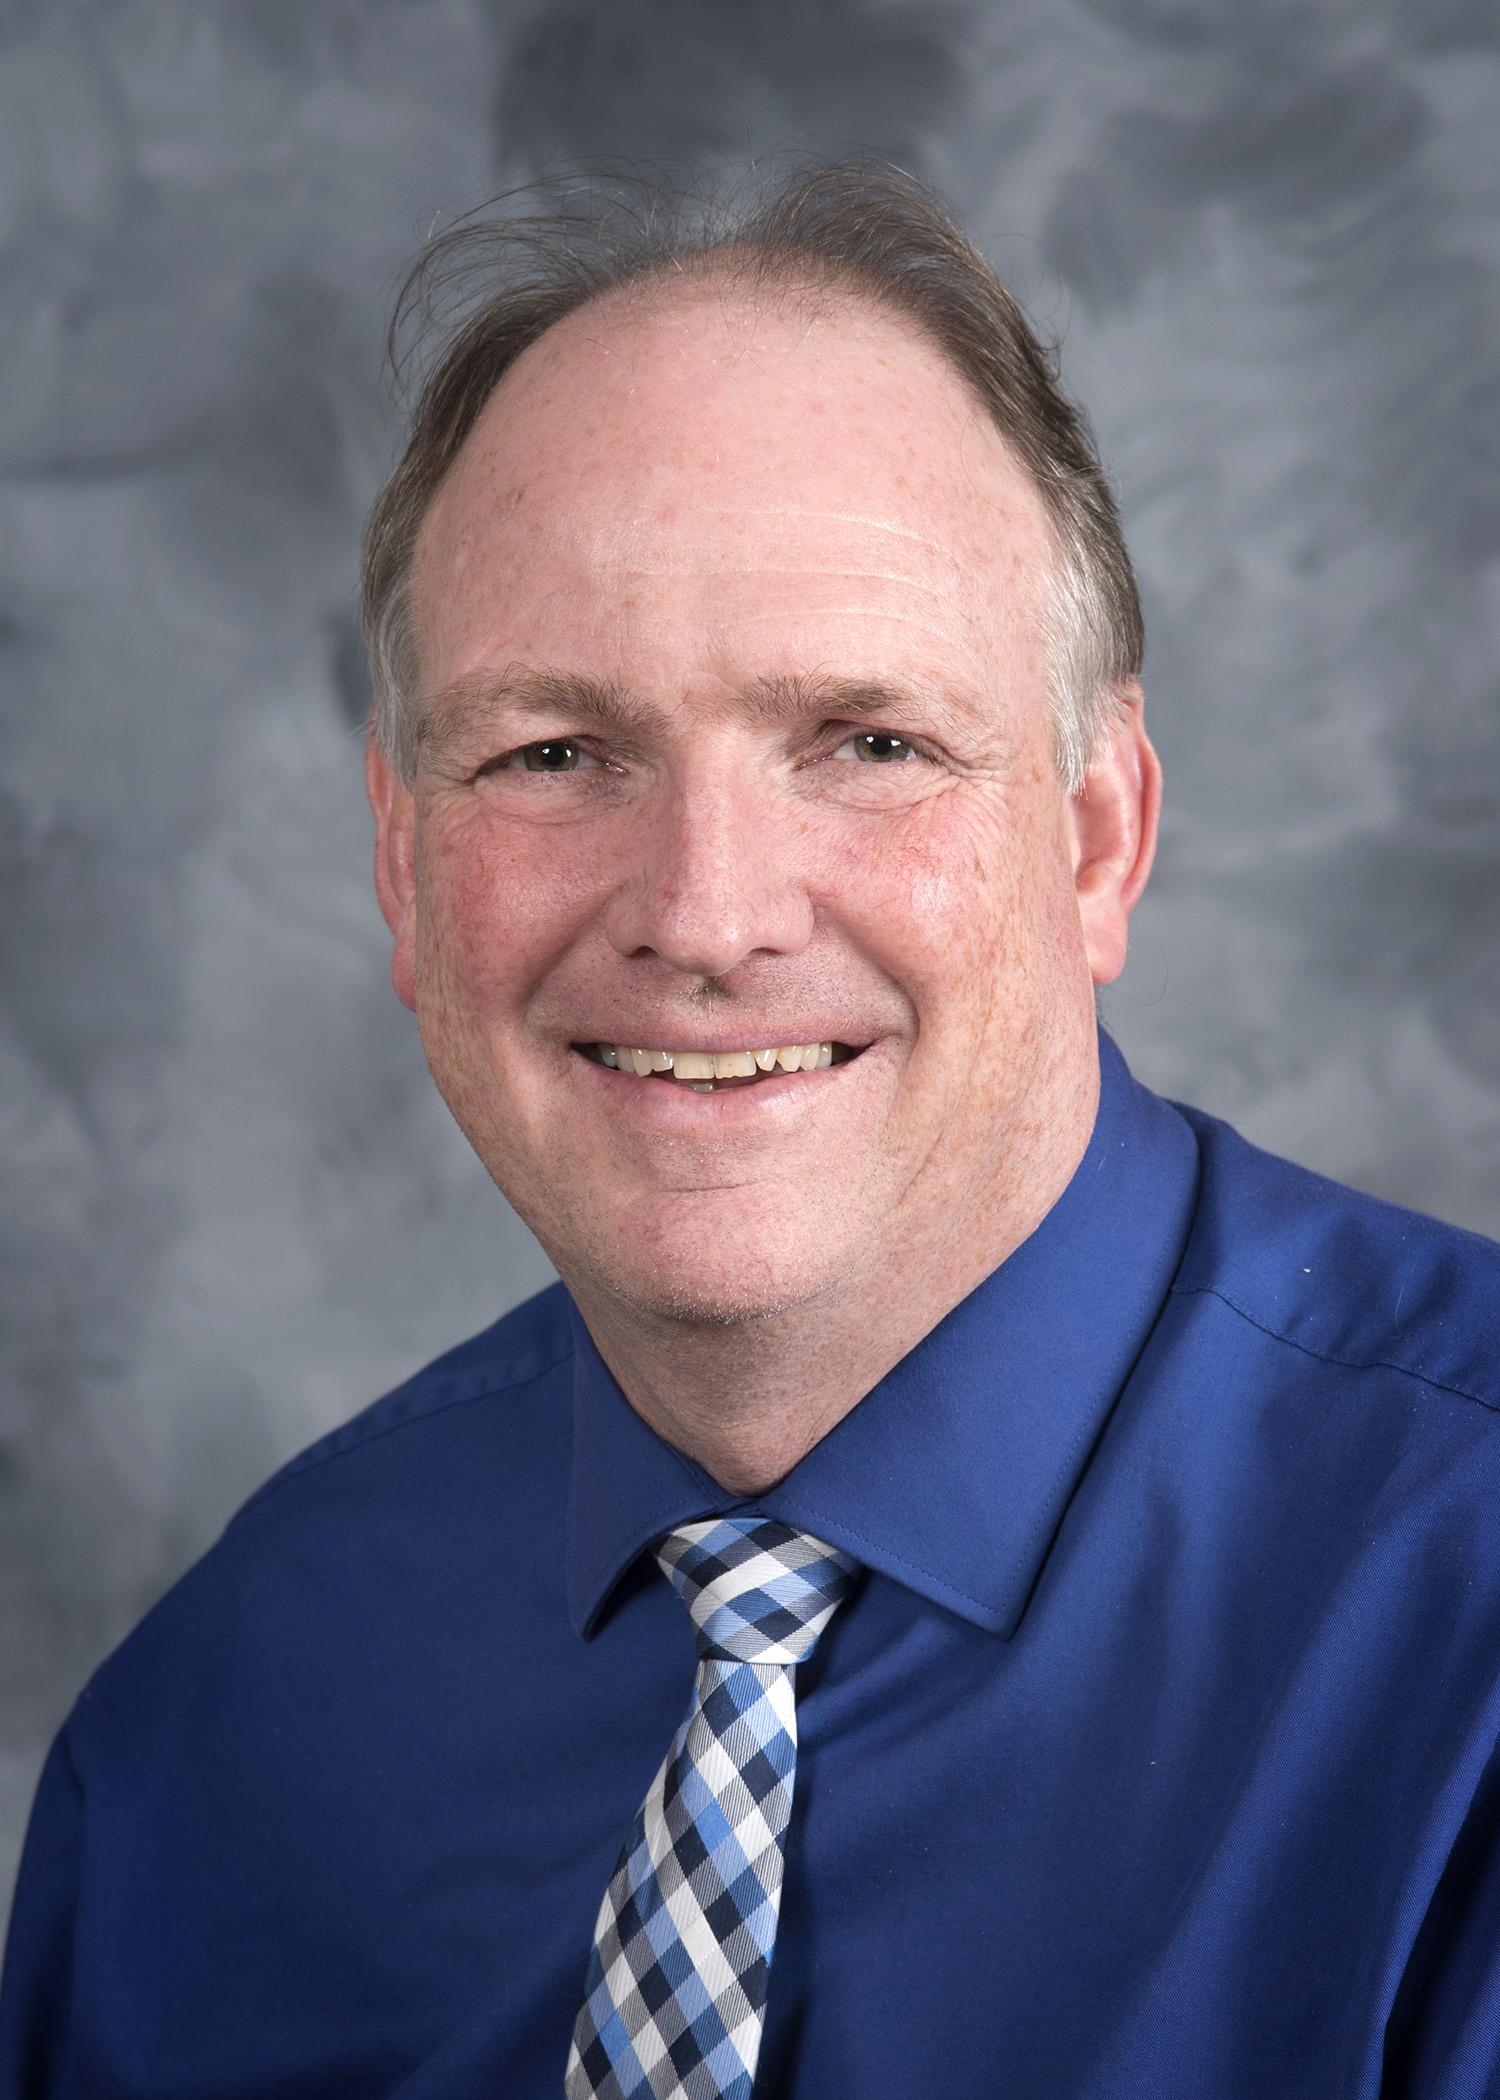 Professor Andrew Mackin